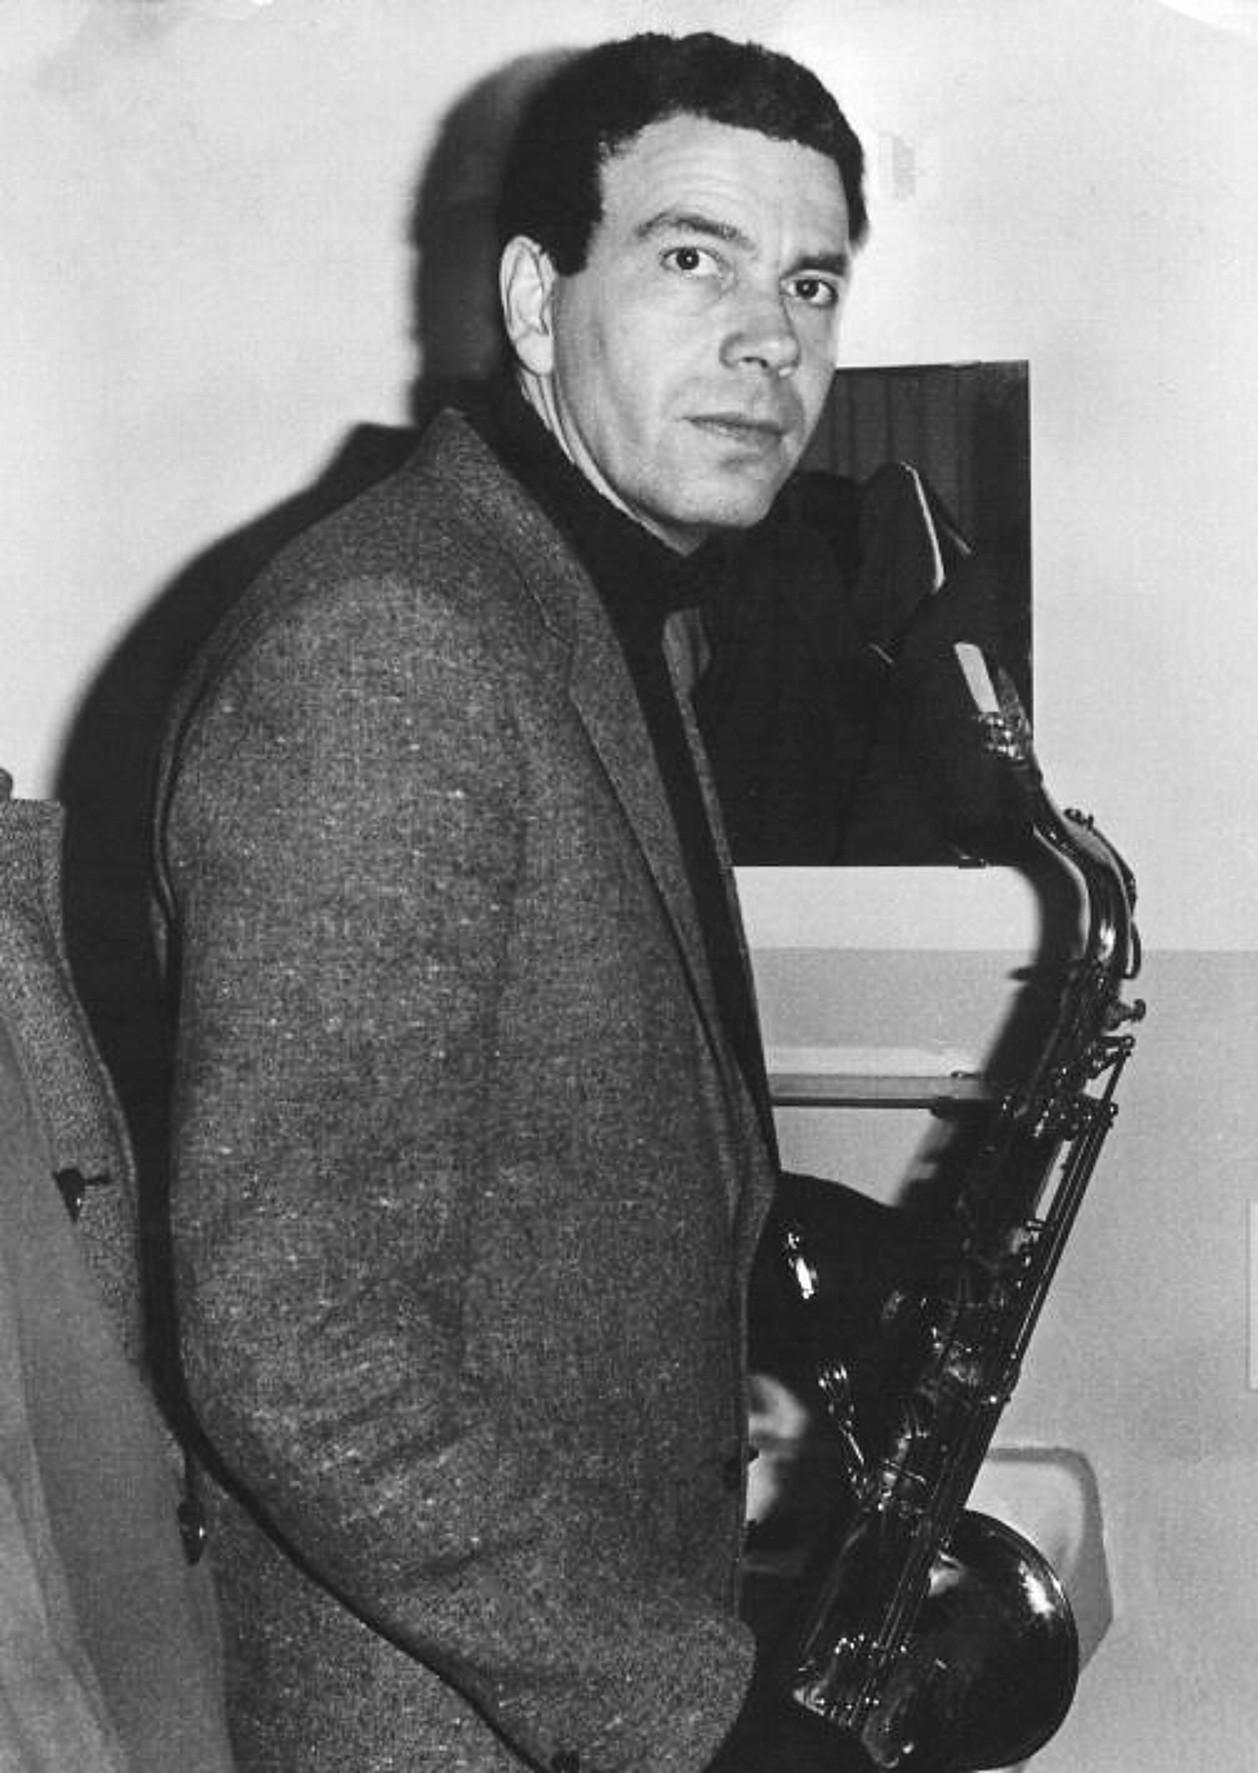 Heinz Sauer